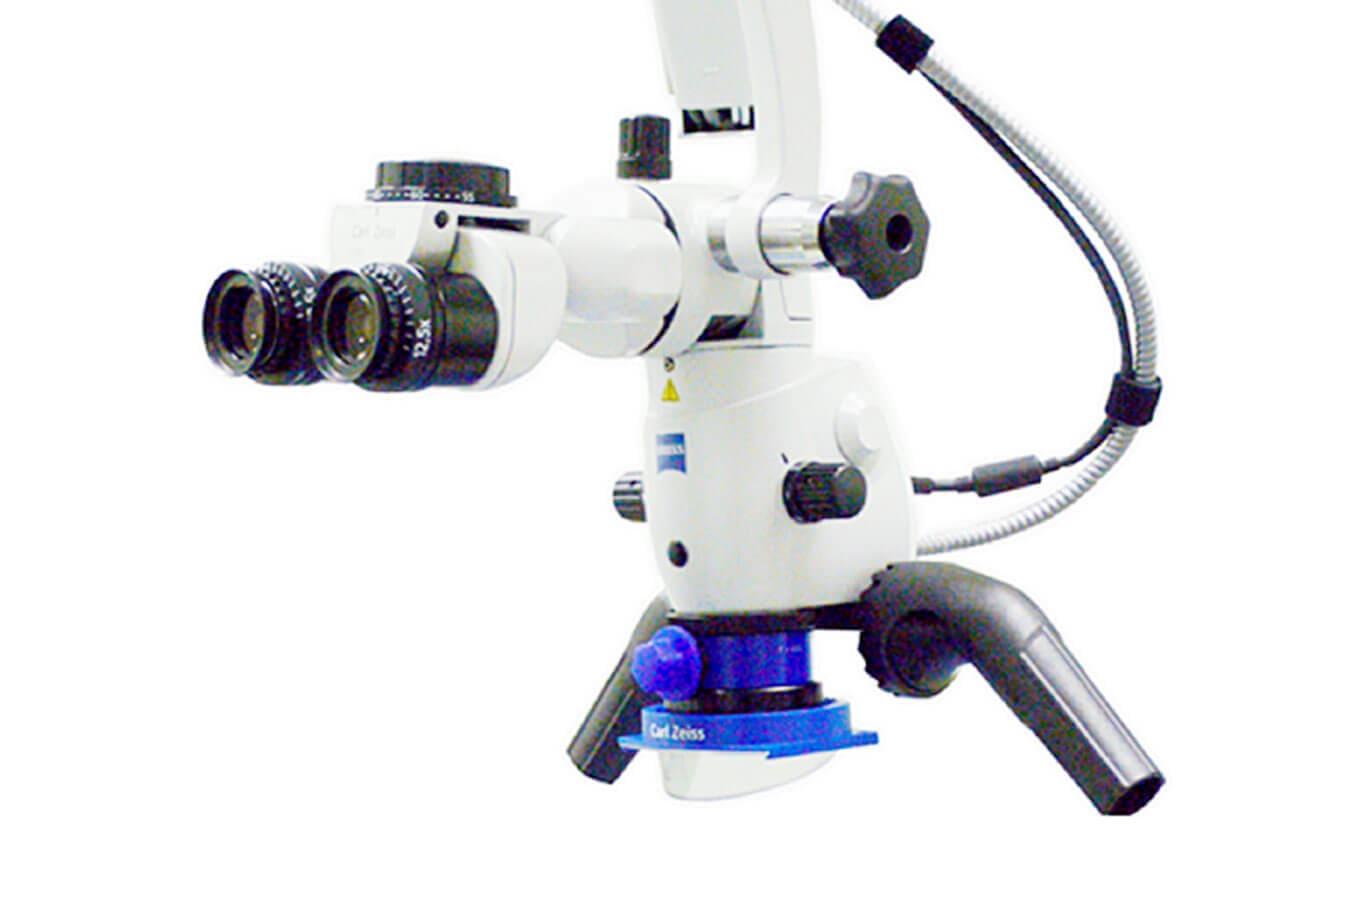 埼玉県 久喜市 青毛 ハートデンタルクリニック 歯科用顕微鏡